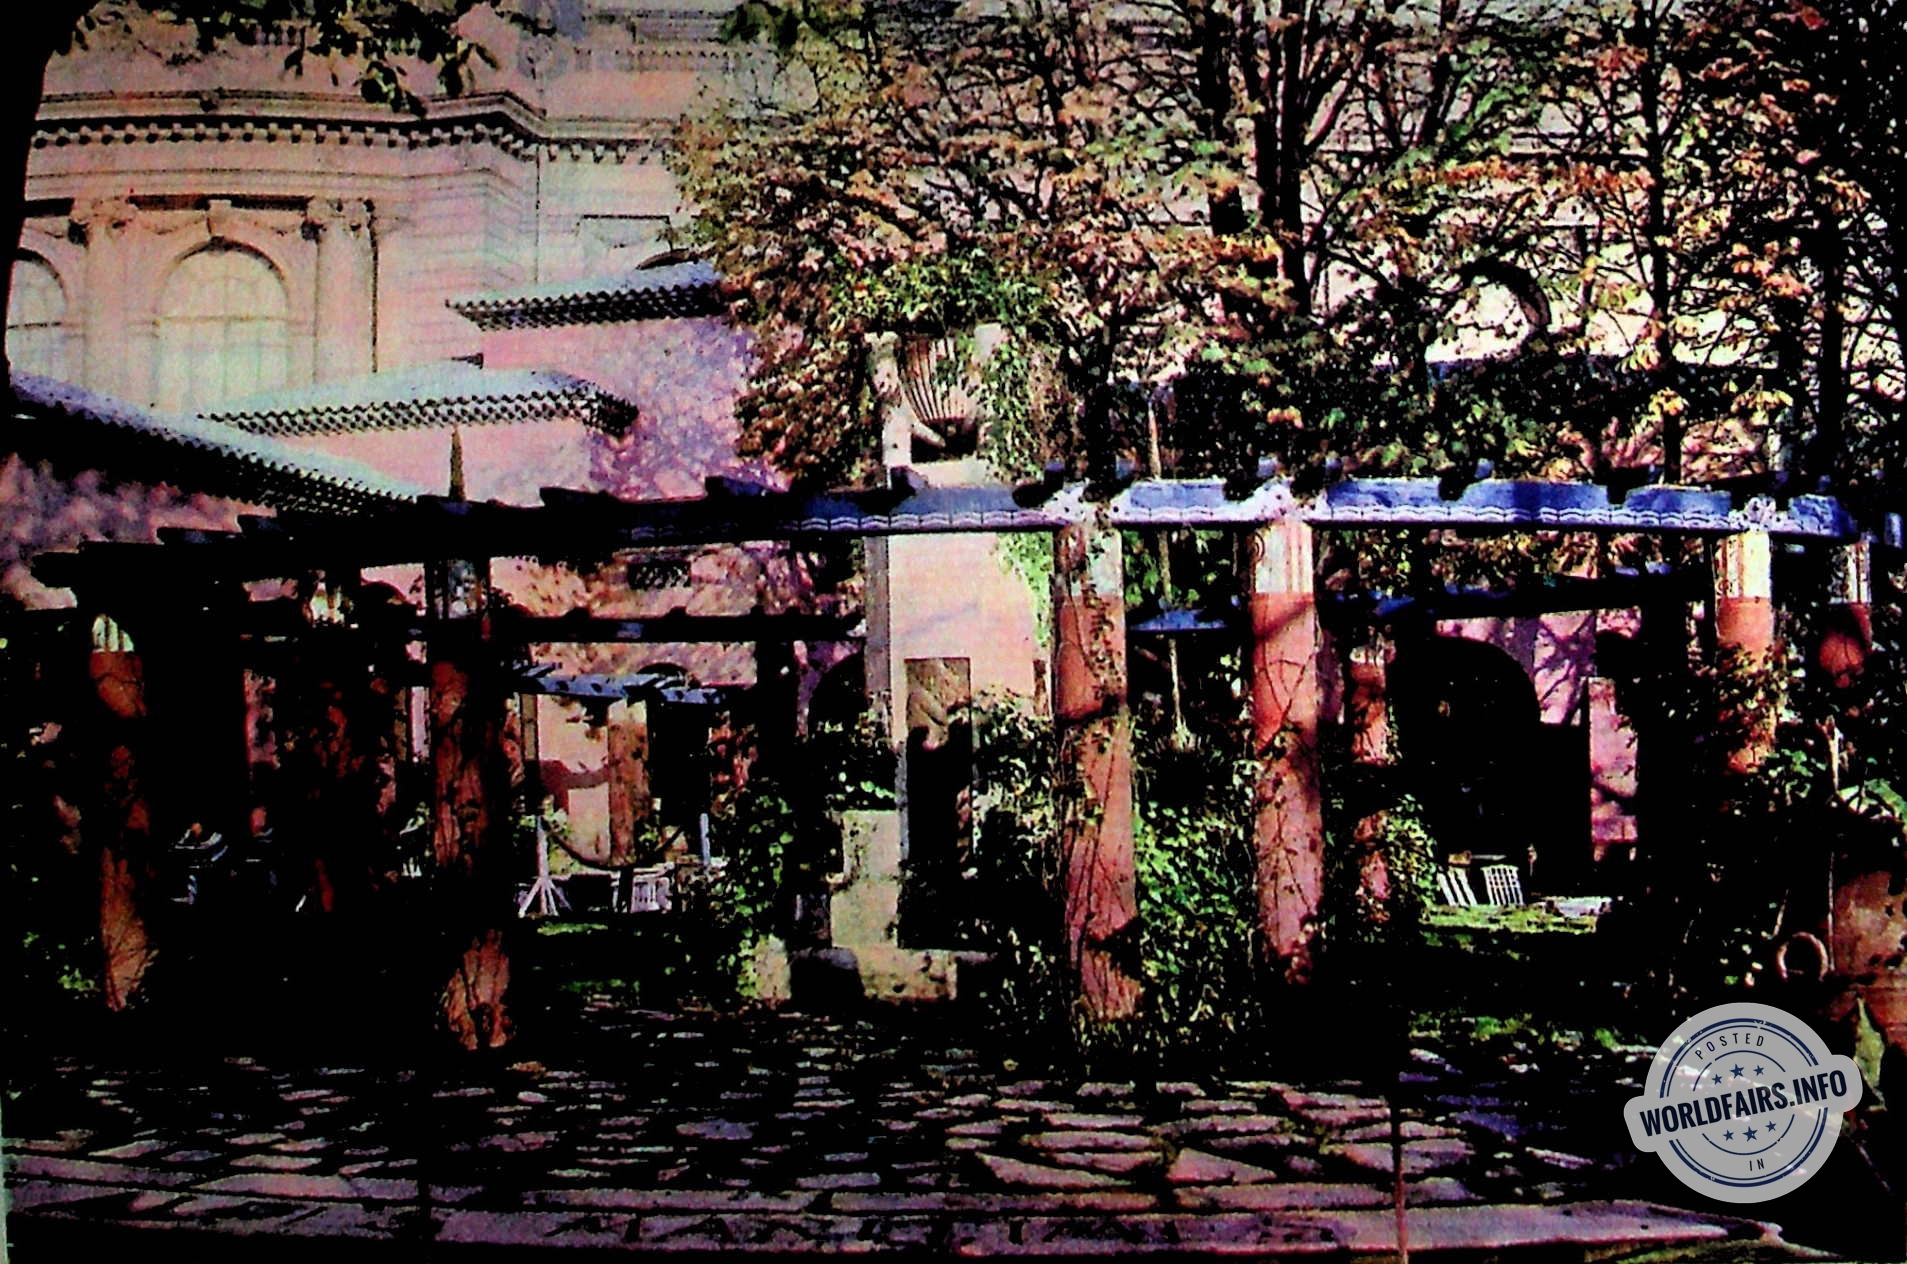 Mobilier De Jardin Alpes Maritimes jardin du pavillon des alpes-maritimes - paris 1925